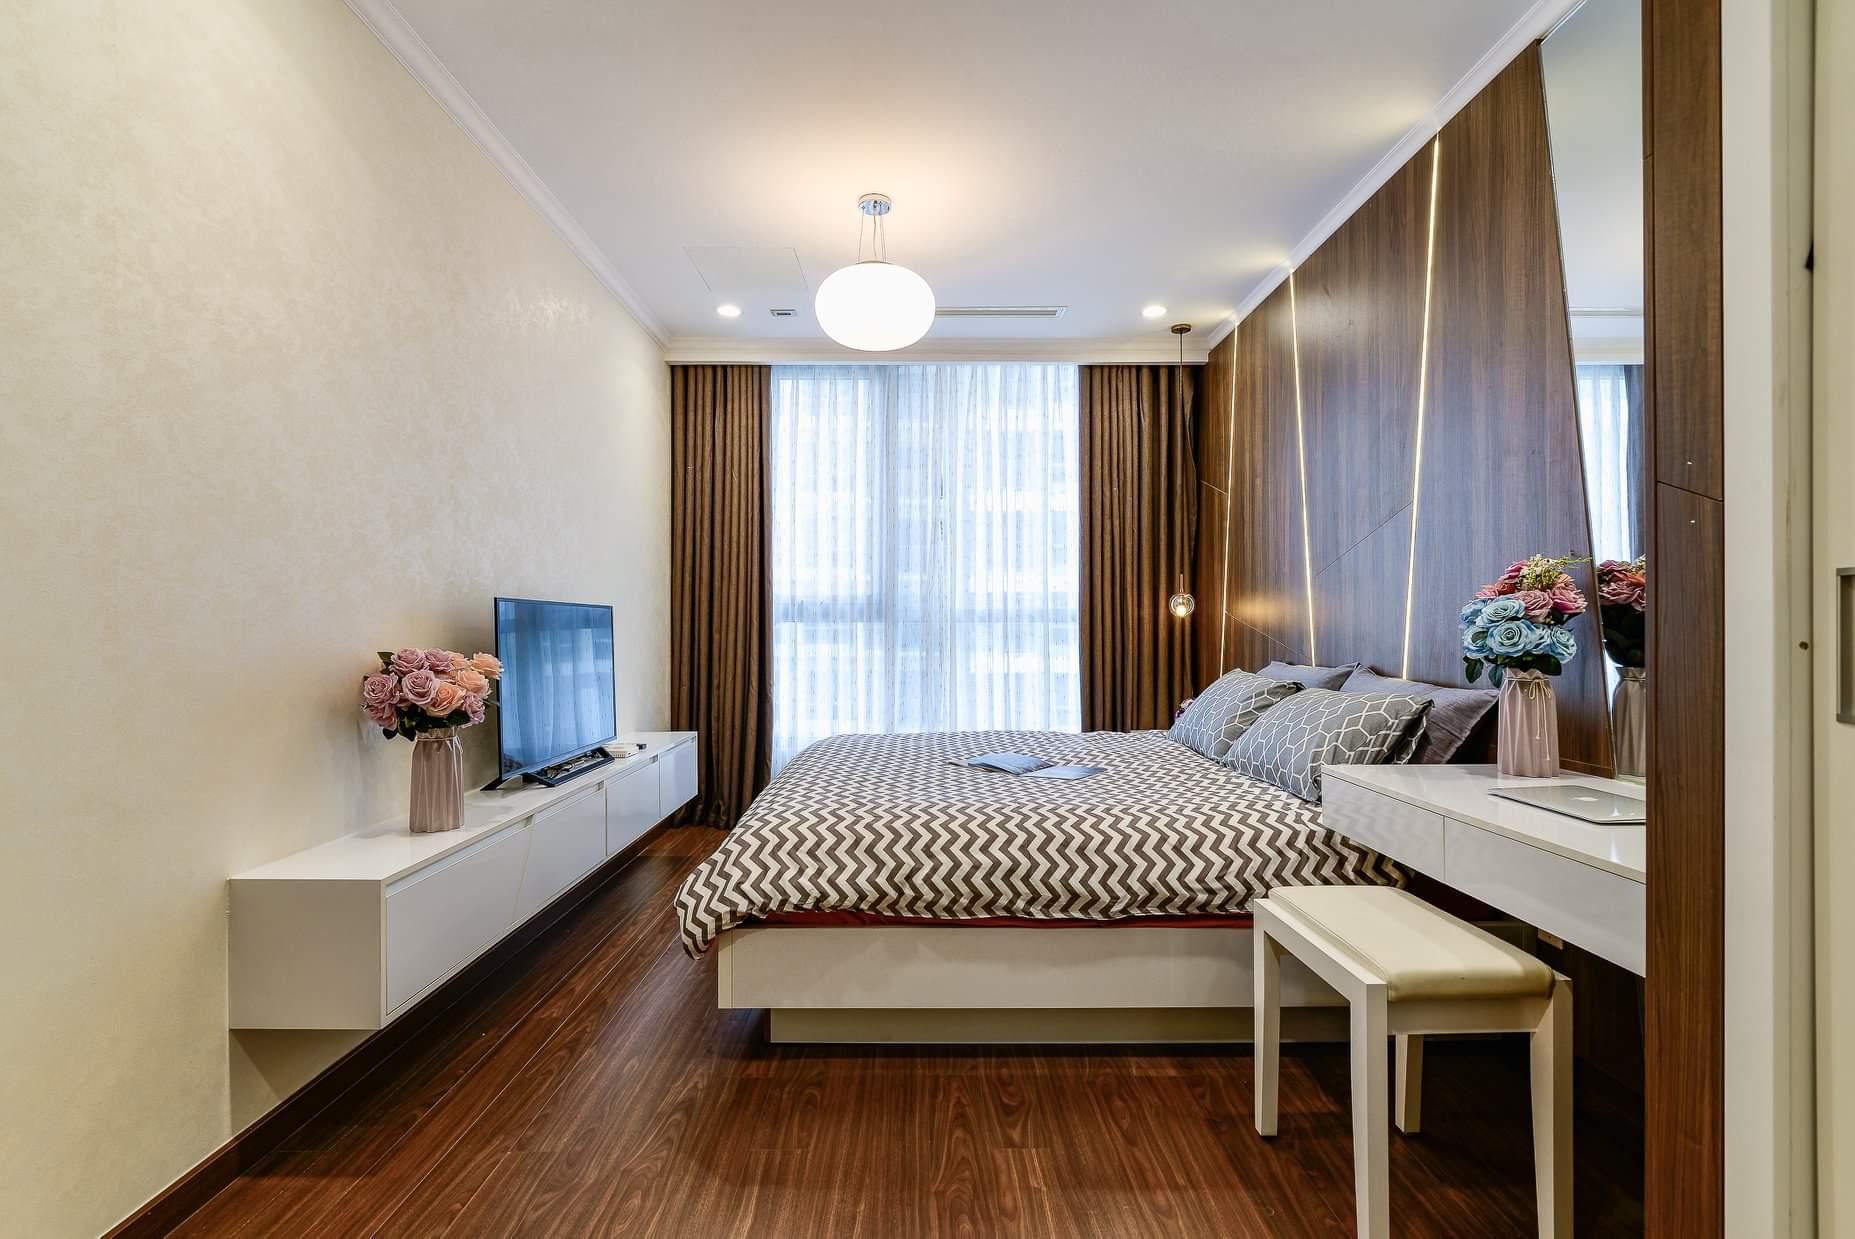 thiết kế chung cư 70m2 giá rẻ